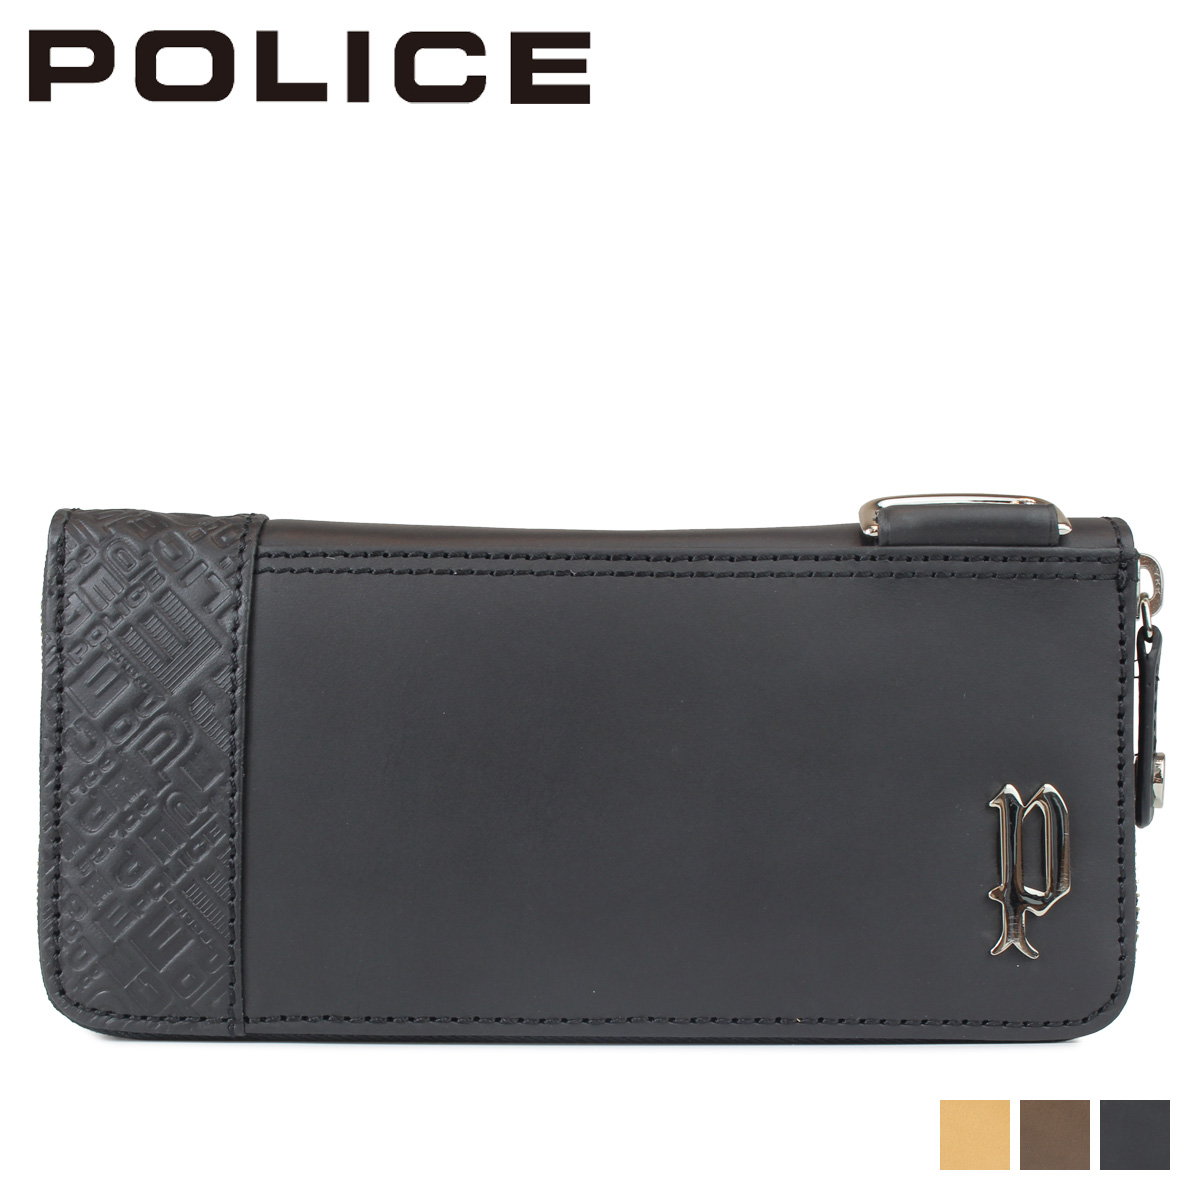 POLICE ポリス 財布 長財布 メンズ ラウンドファスナー レザー CIRCUIT ROUND WALLET ブラック グレー キャメル 黒 PA-6104